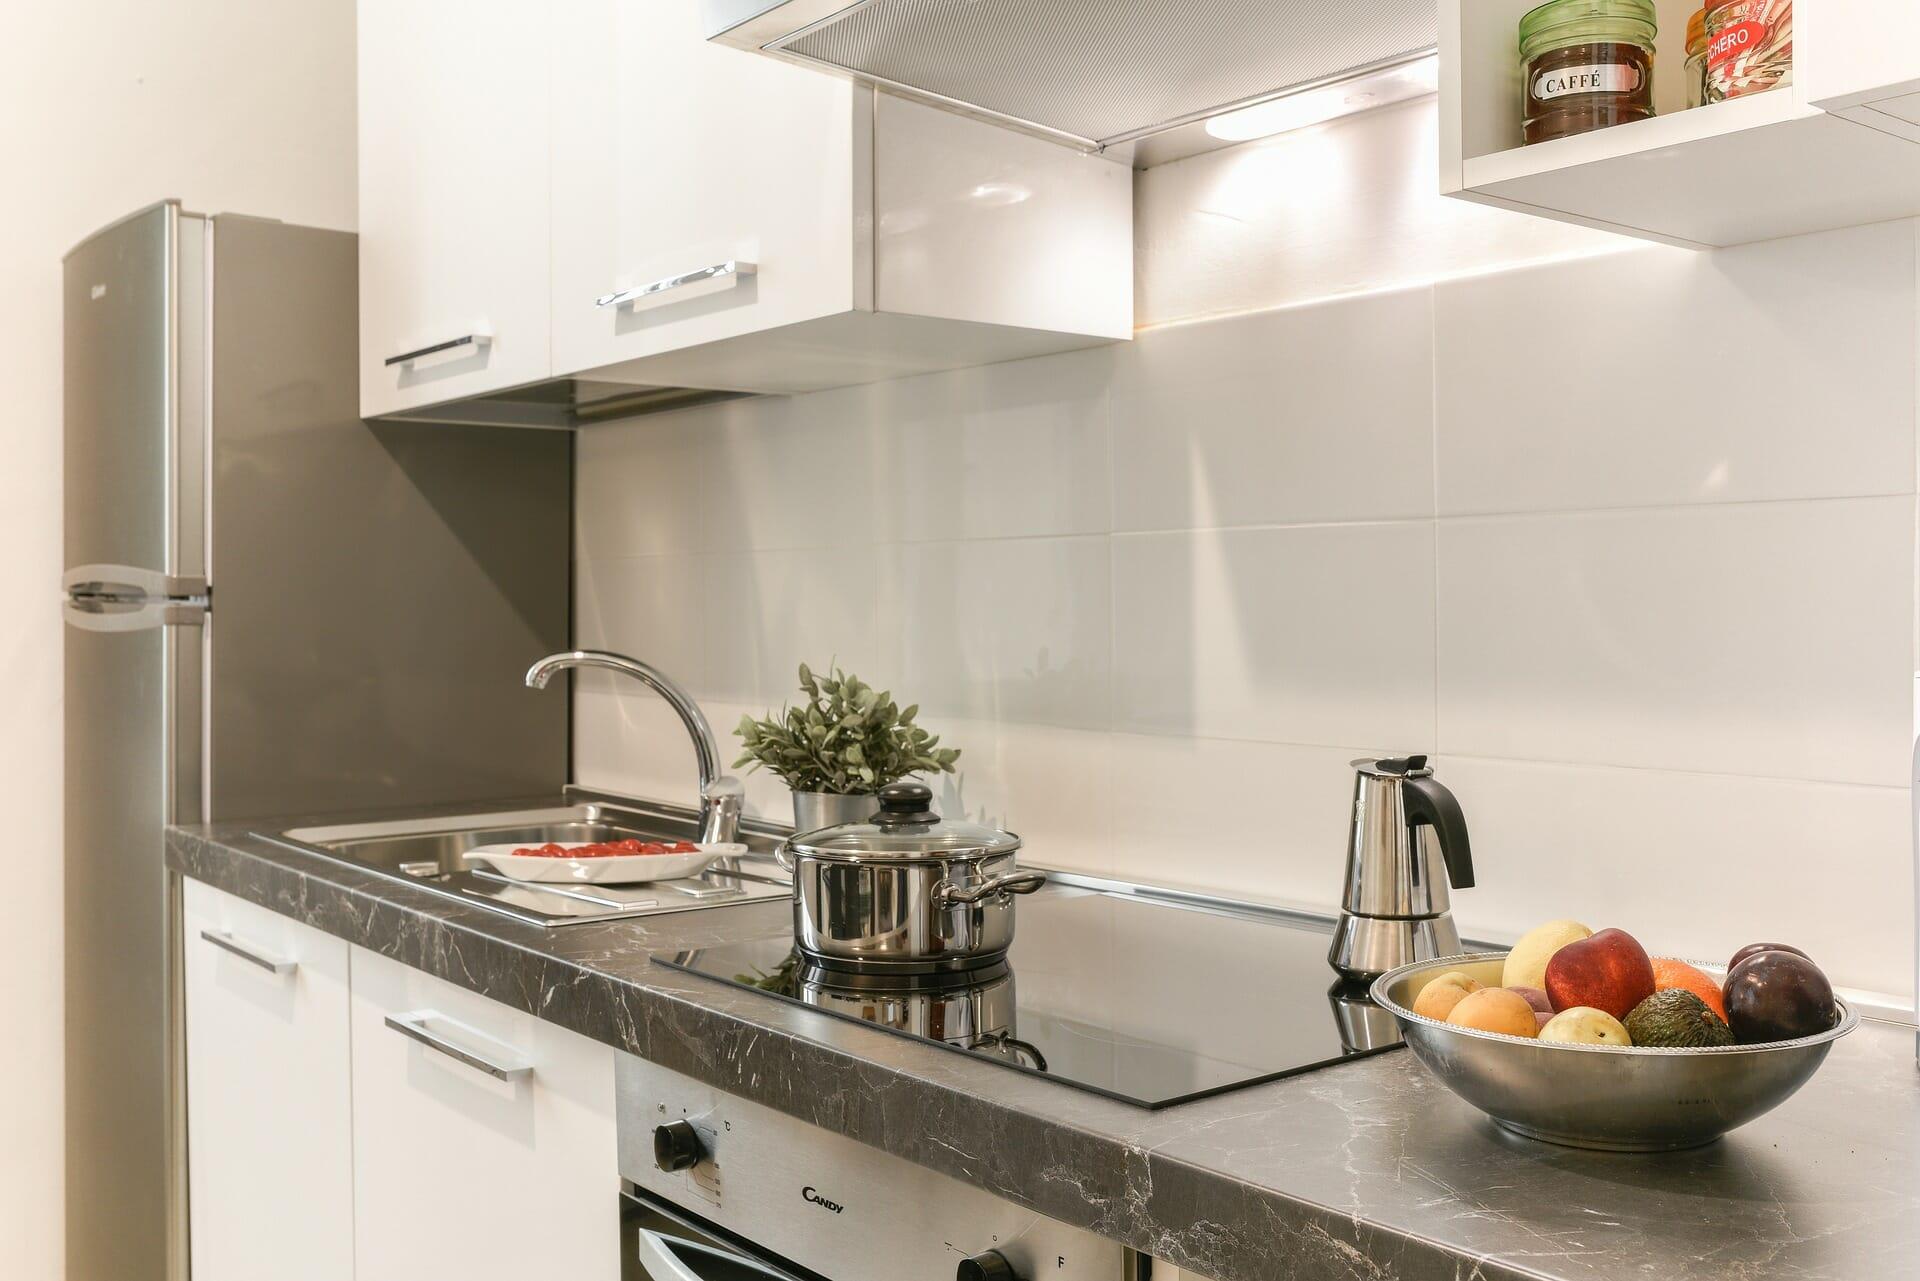 kitchen 3857475 1920